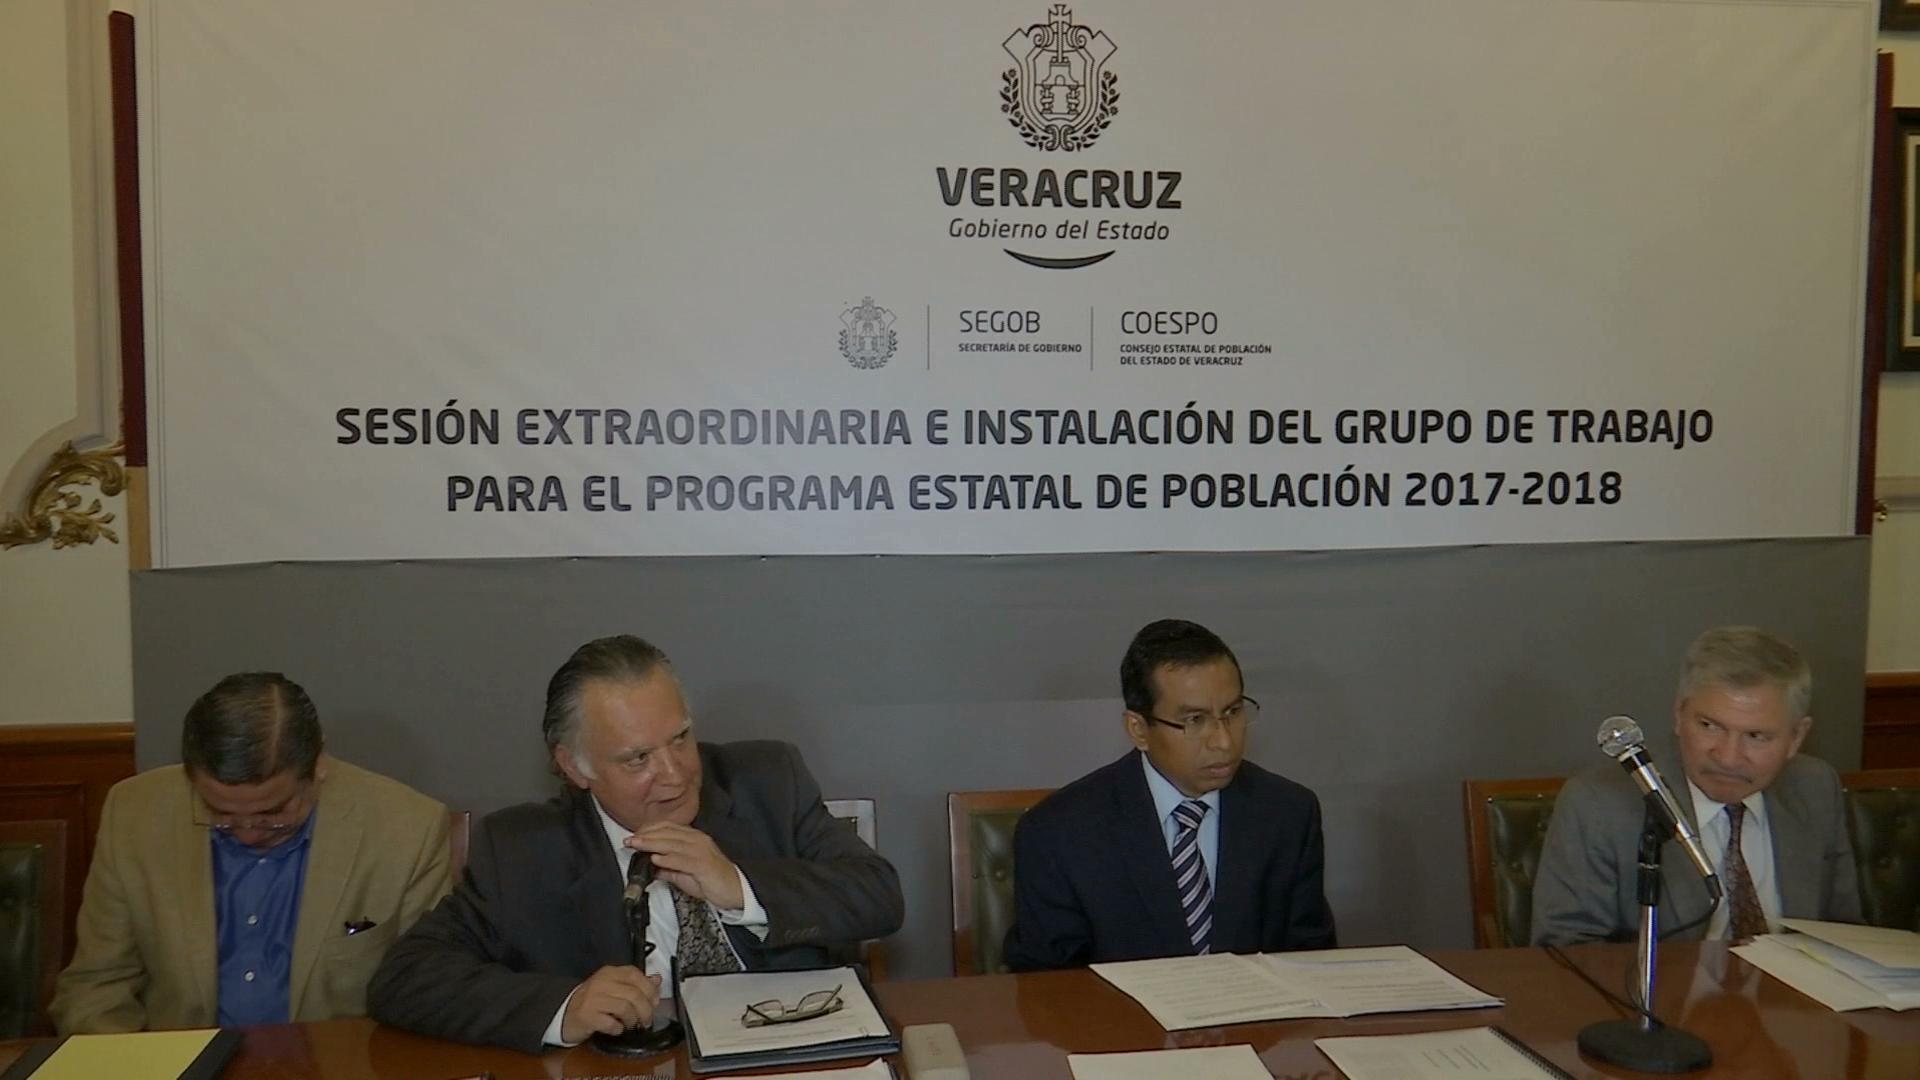 Instalan grupo de trabajo para elaborar el Programa Estatal de Población 2017-2018